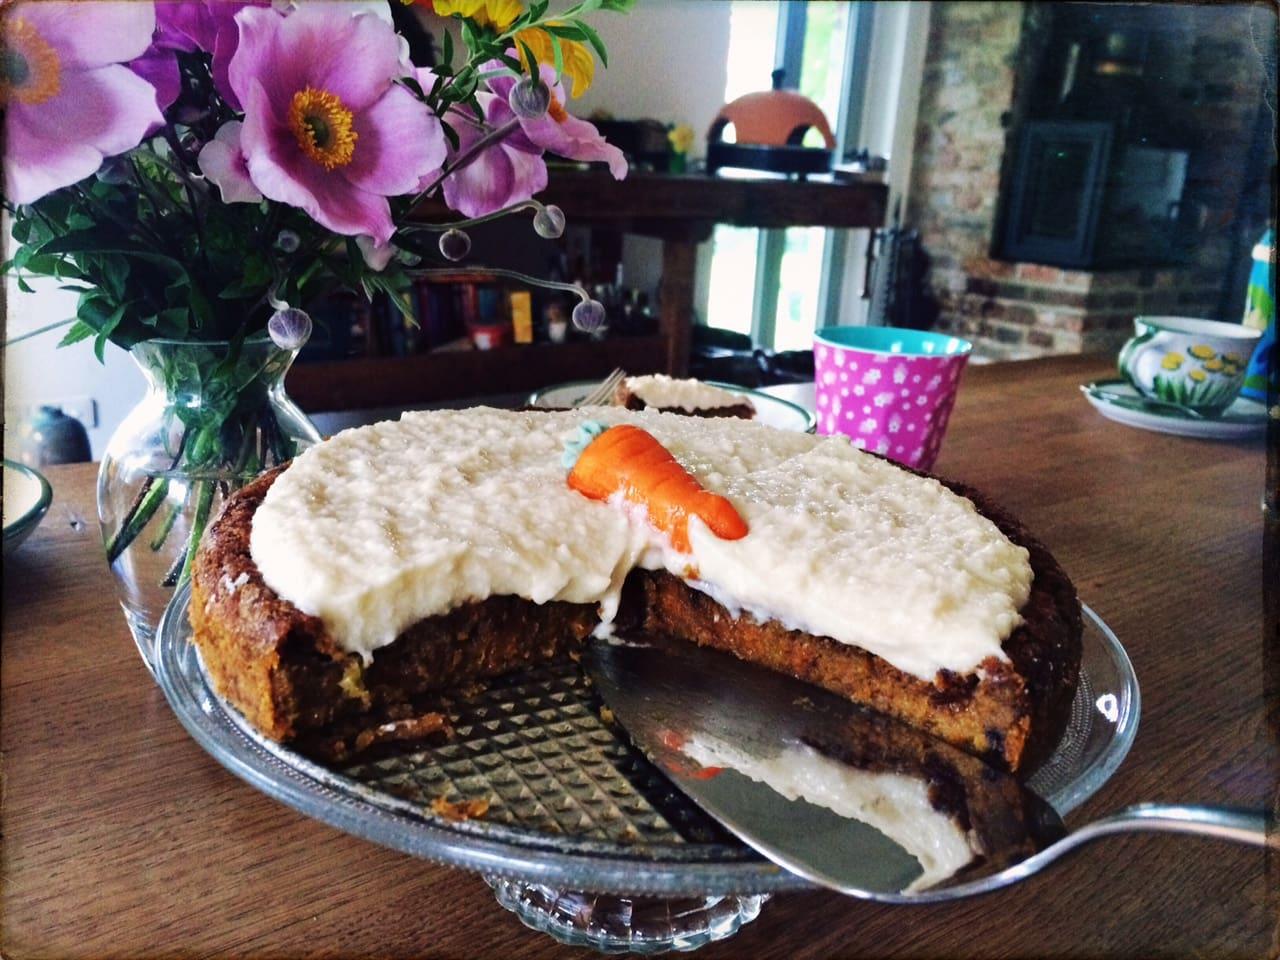 Karottenkuchen vegan rezept frau mutter blog